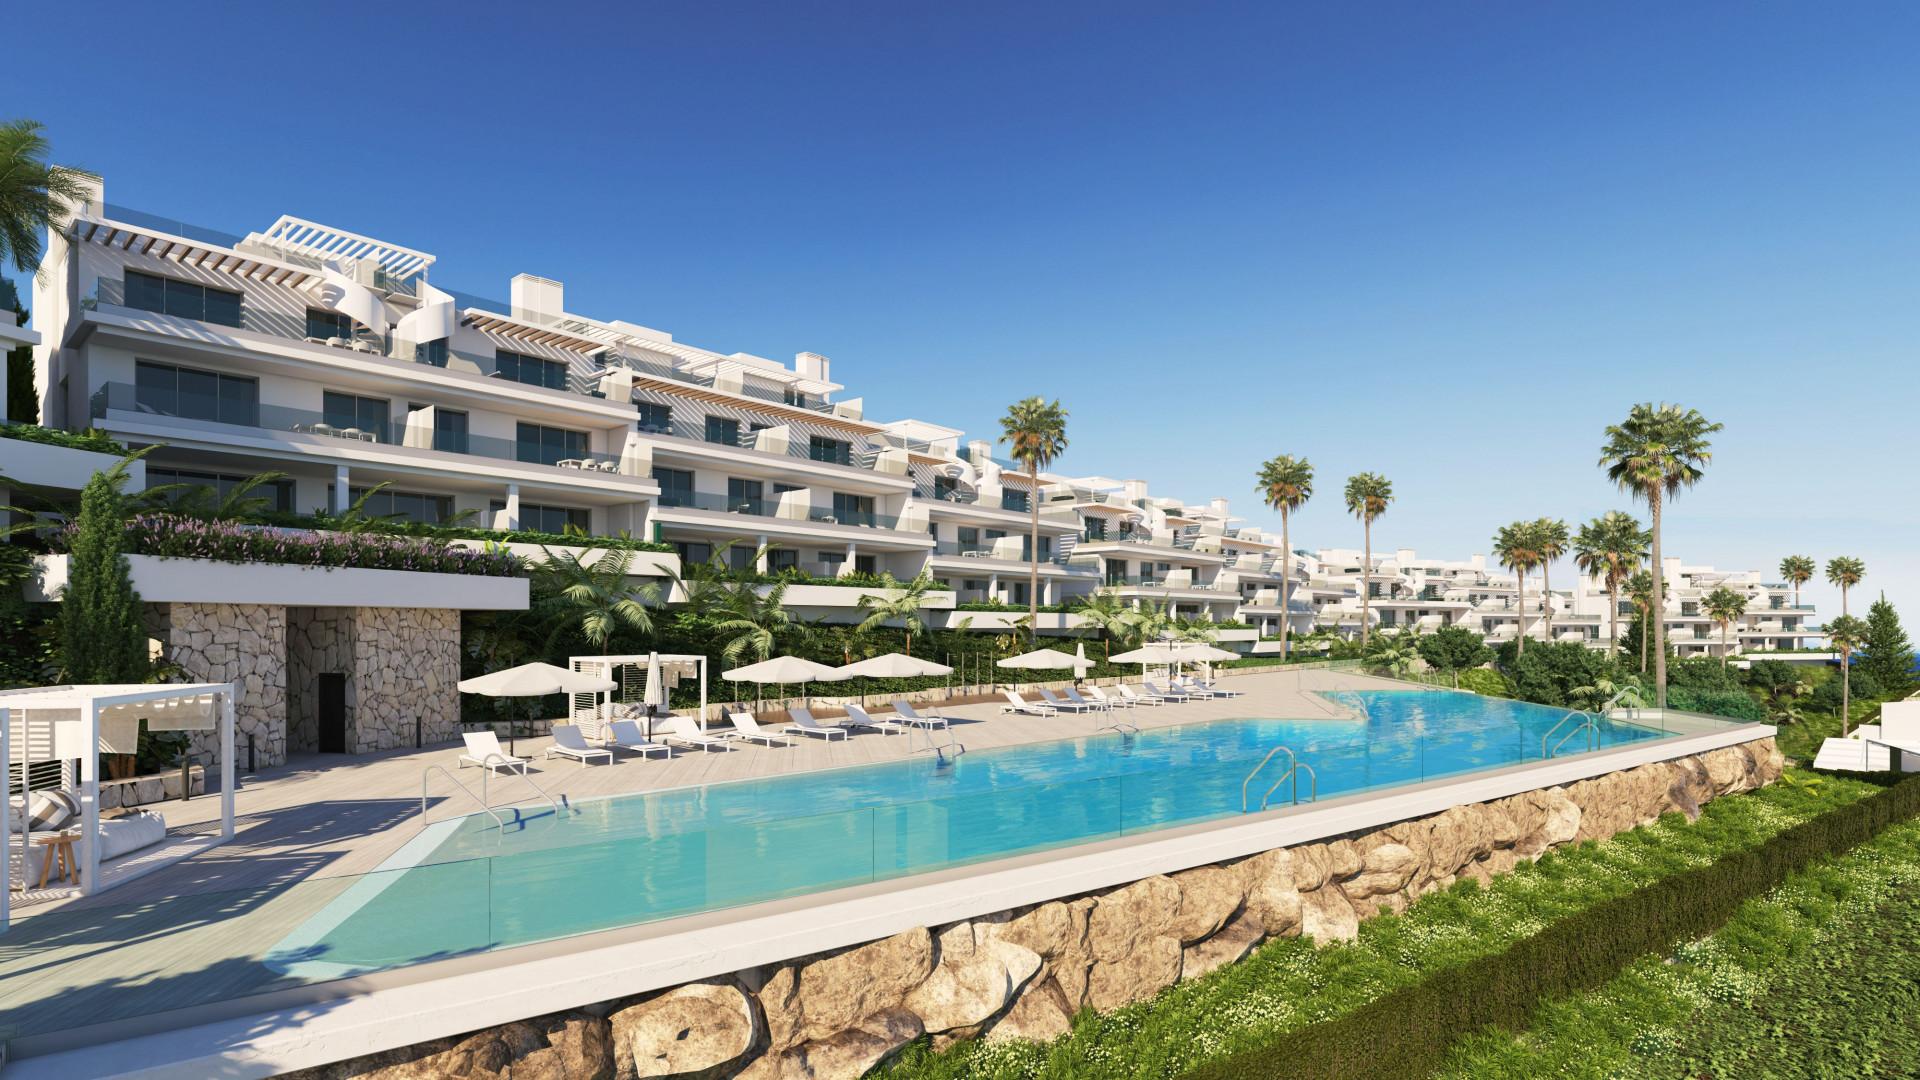 Exclusieve nieuwbouw met zeezicht in Estepona.PL111